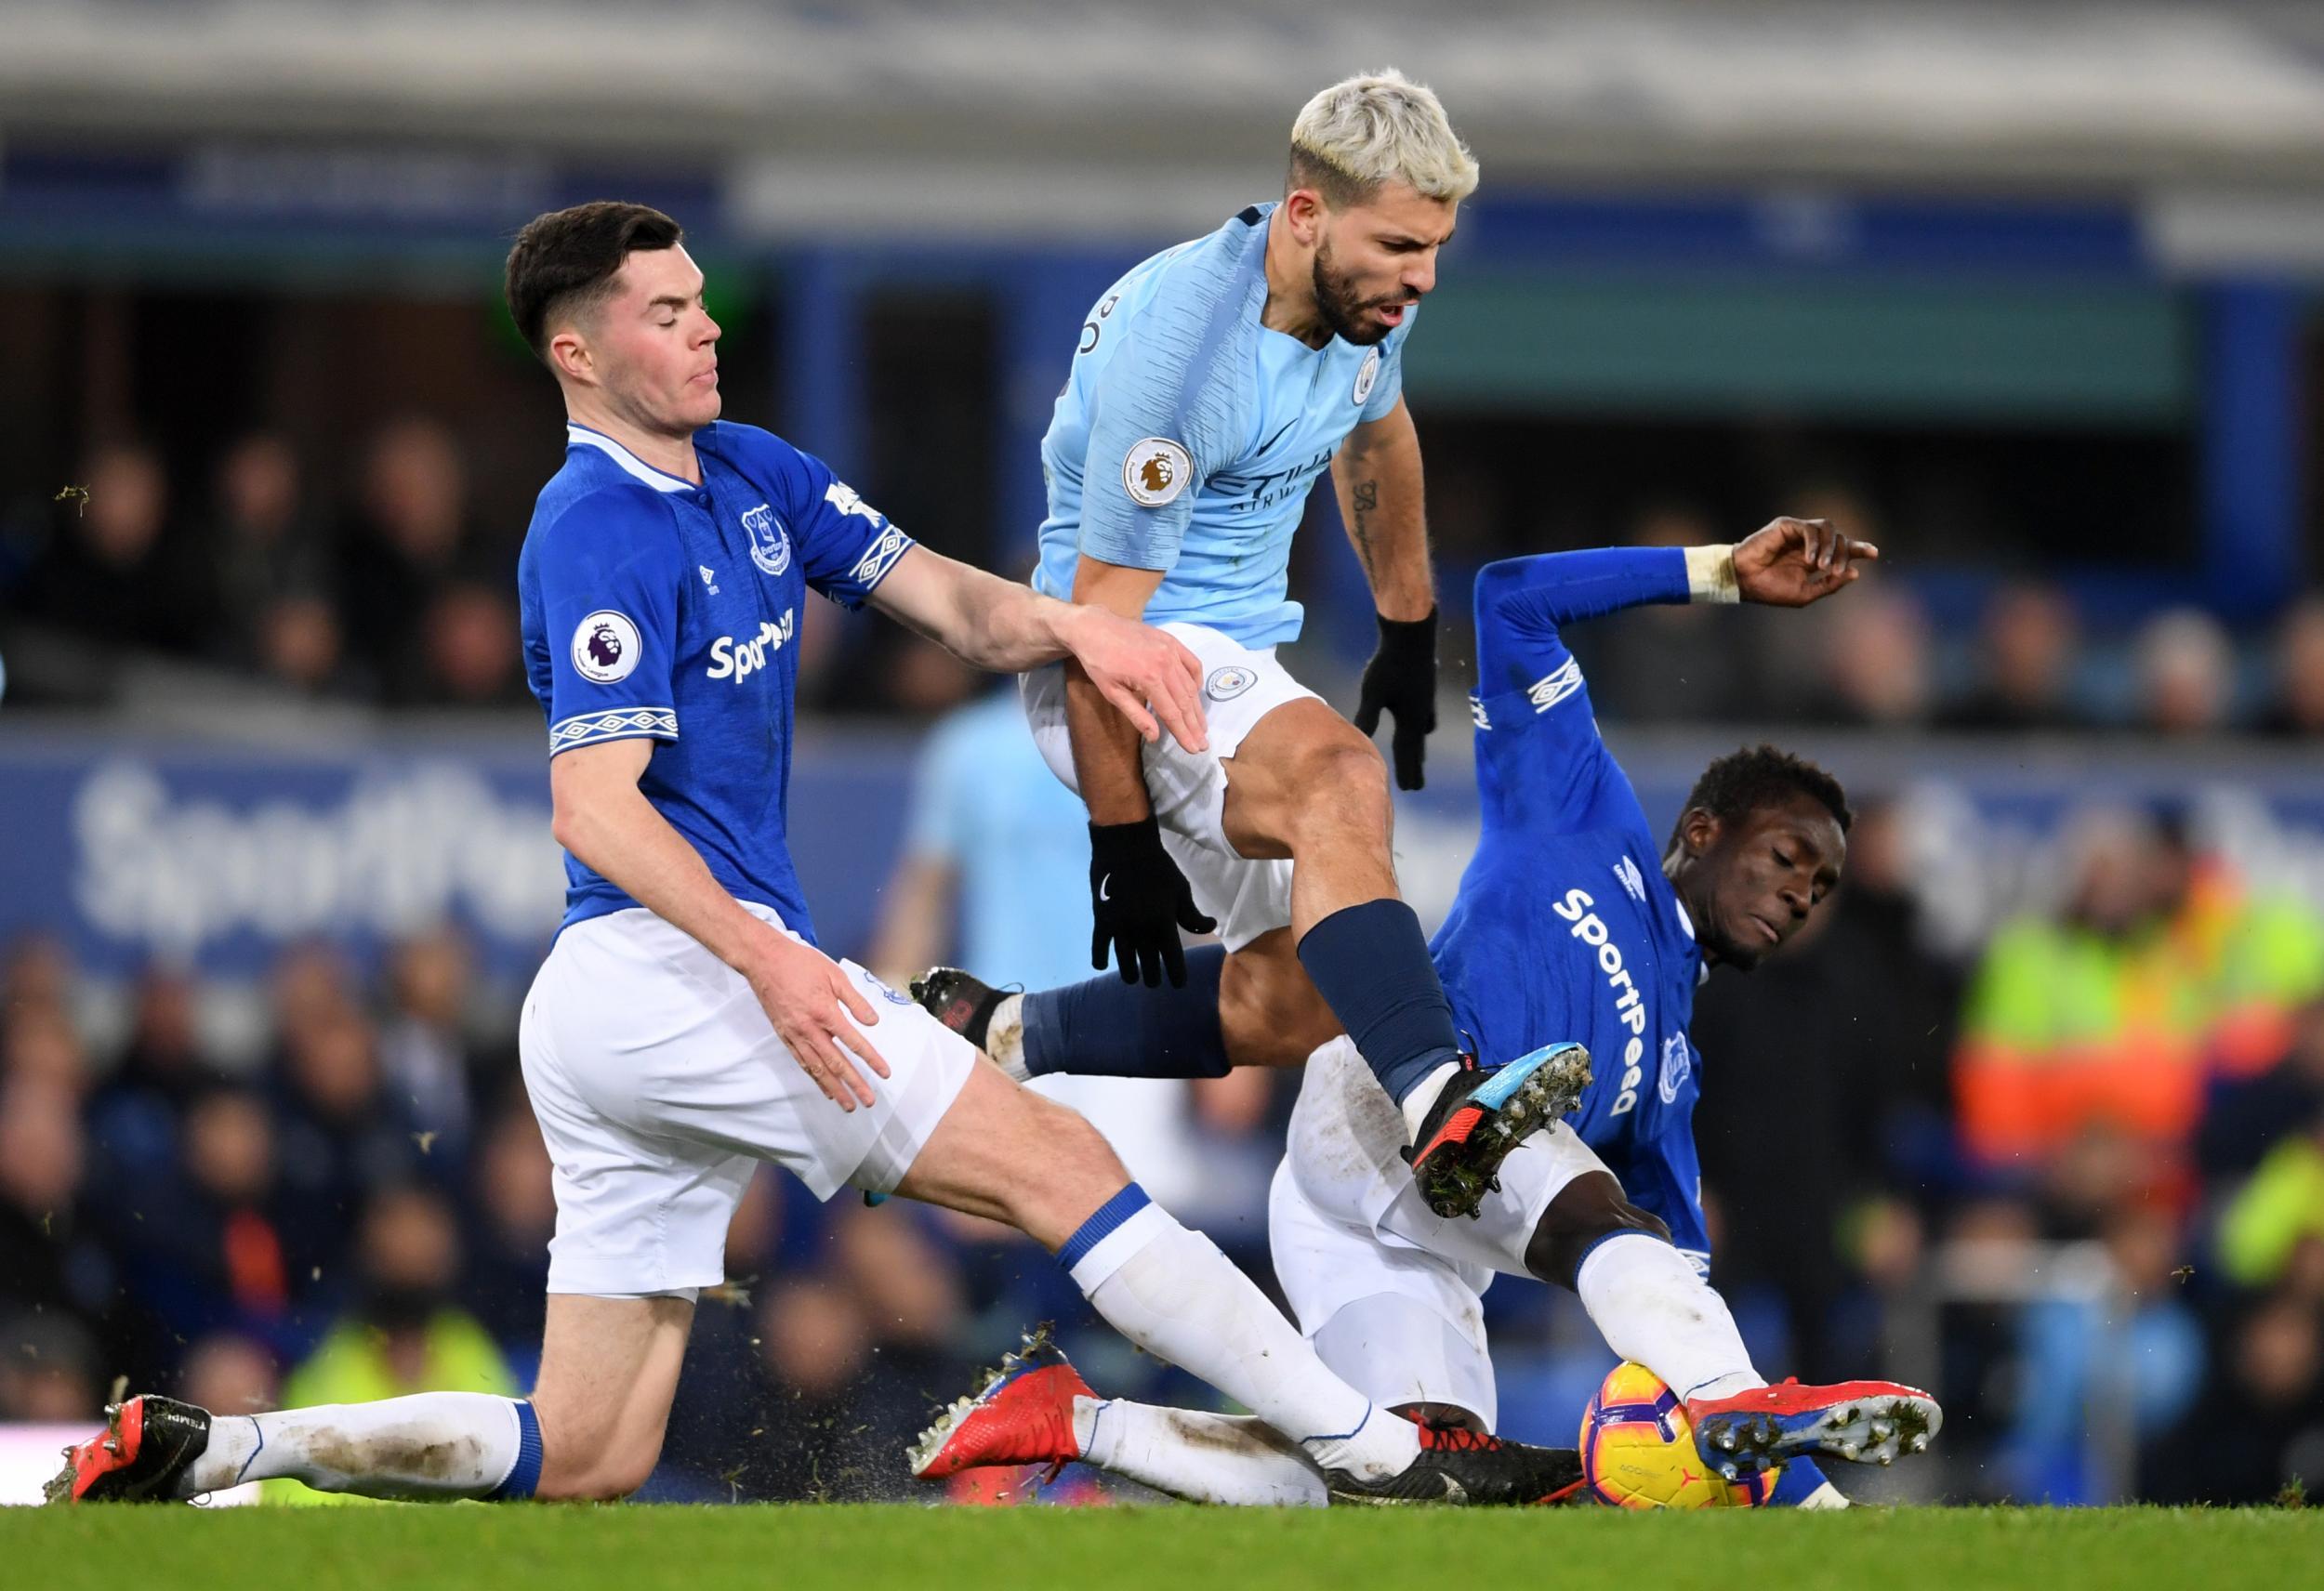 Soi kèo Everton vs Man City